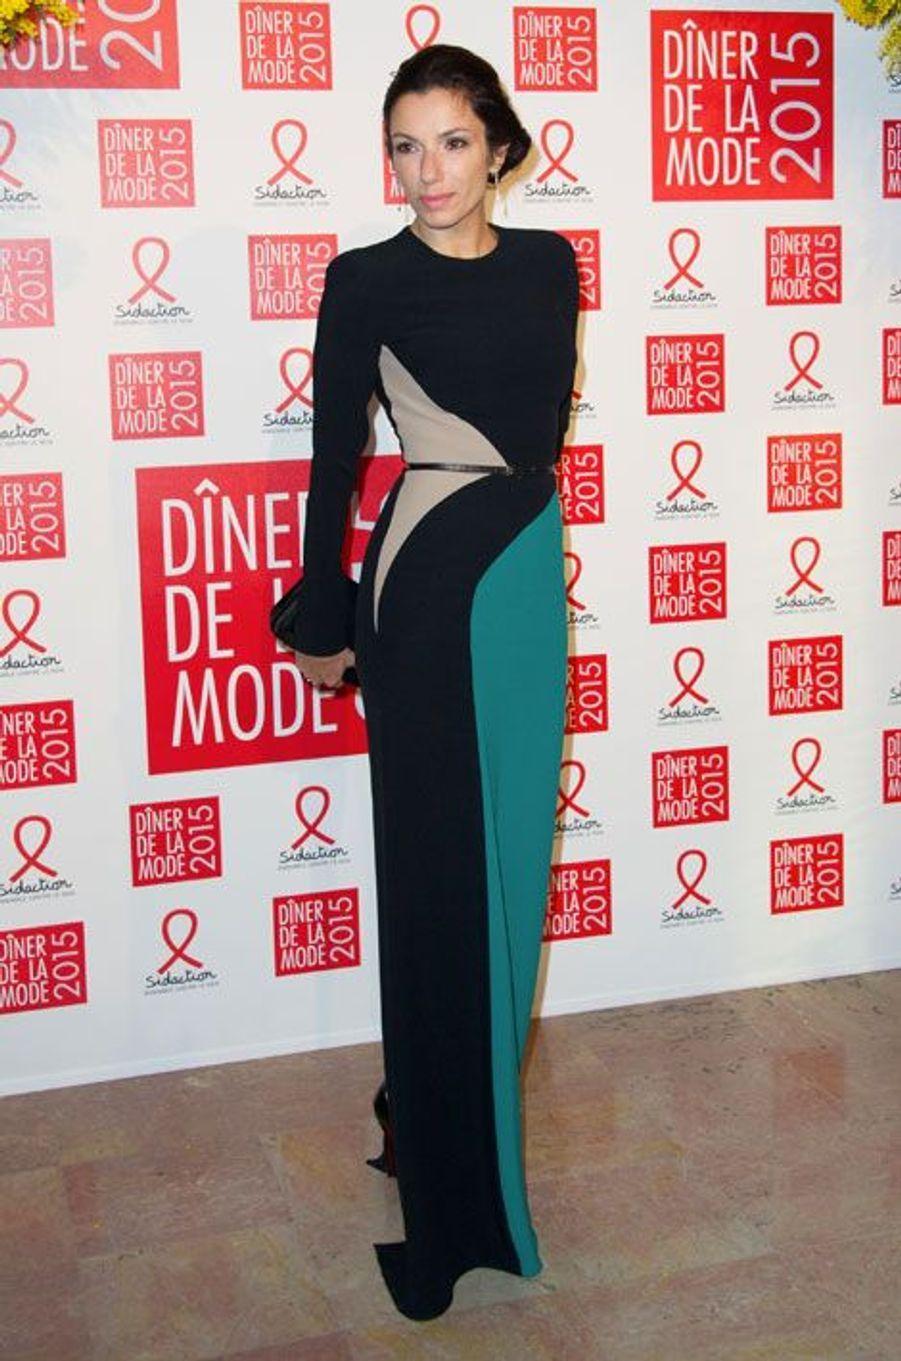 Aure Atika au dîner de la mode du Sidaction, le 29 janvier 2015 à Paris